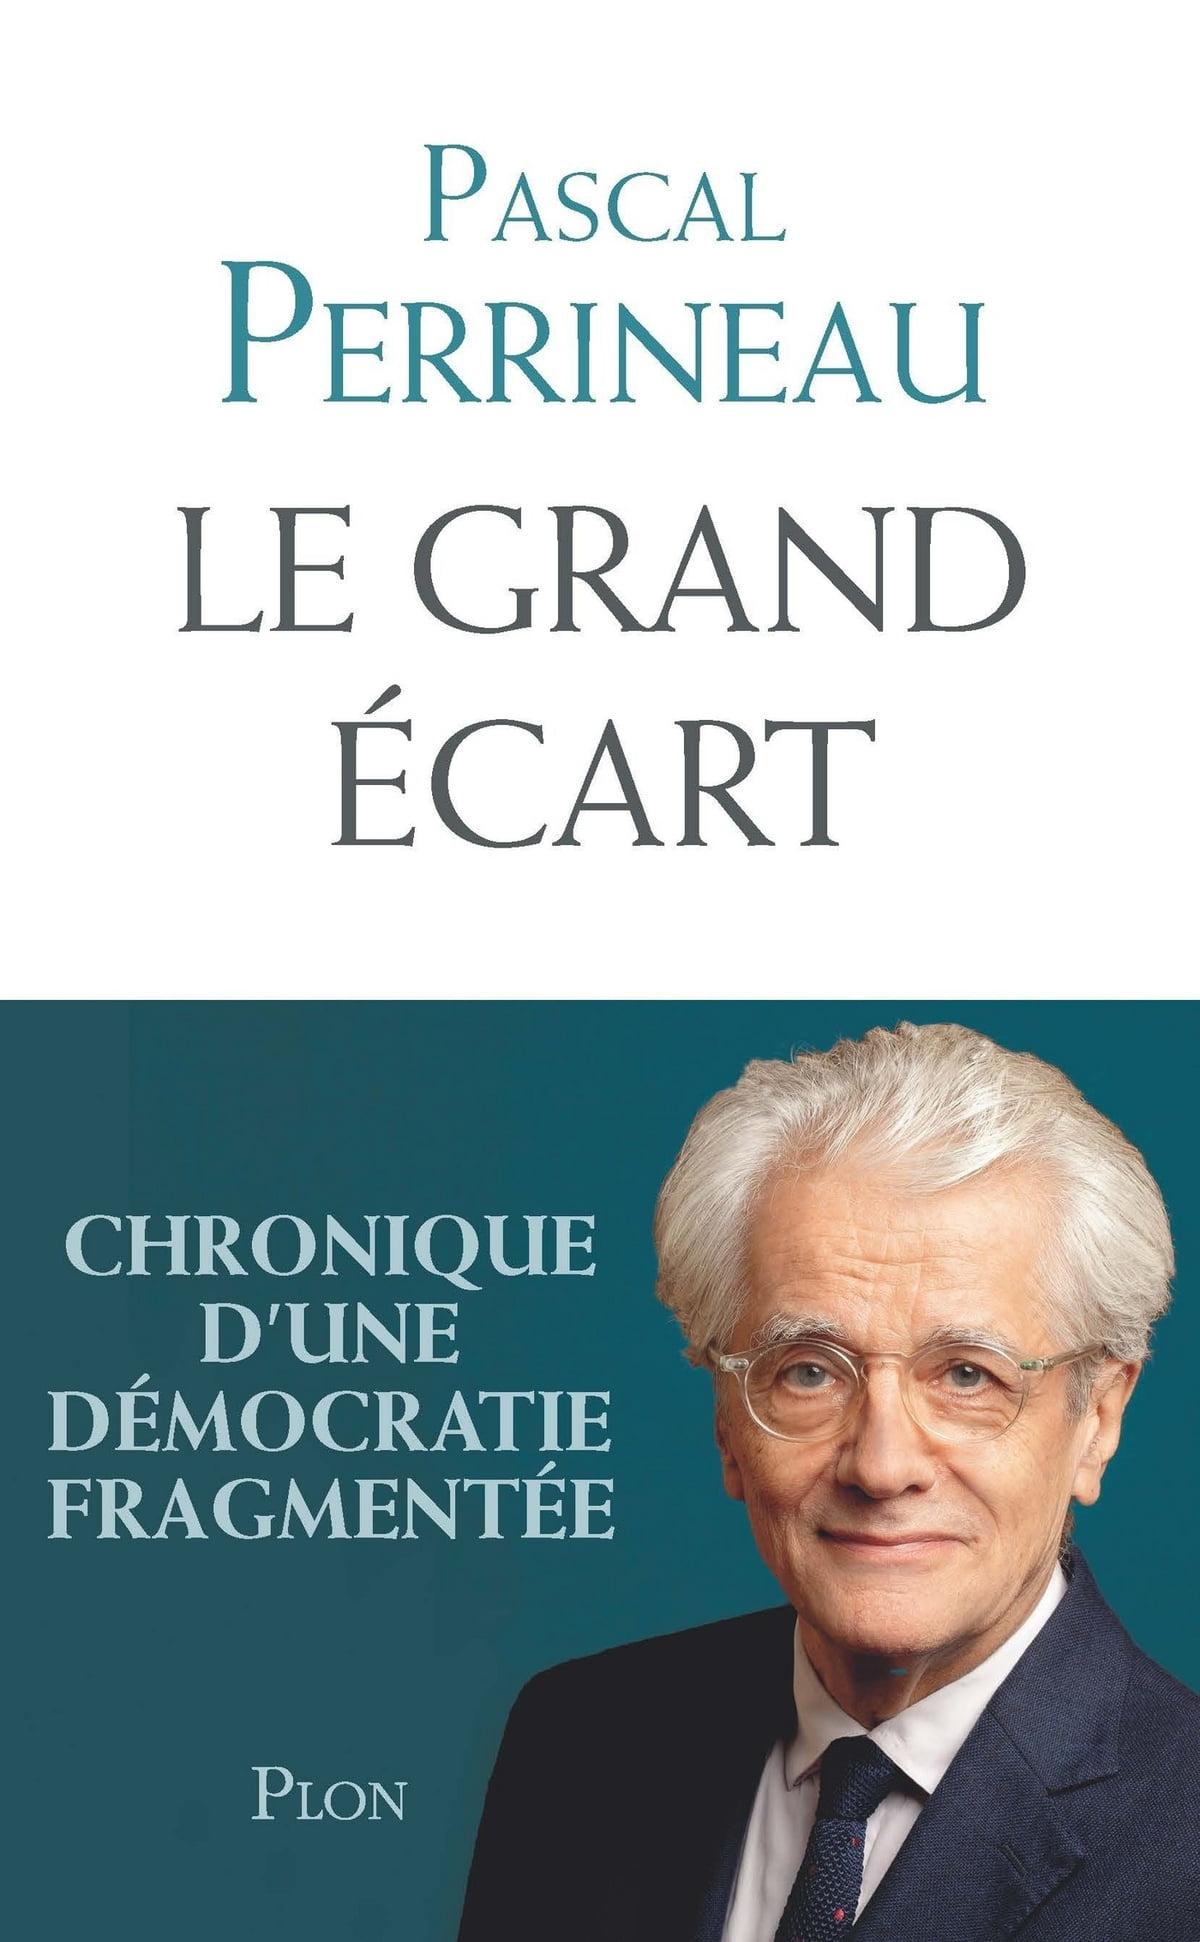 Pascal Perrineau Est Il Marie : pascal, perrineau, marie, Grand, écart, EBook, Pascal, PERRINEAU, 9782259279130, Rakuten, United, States